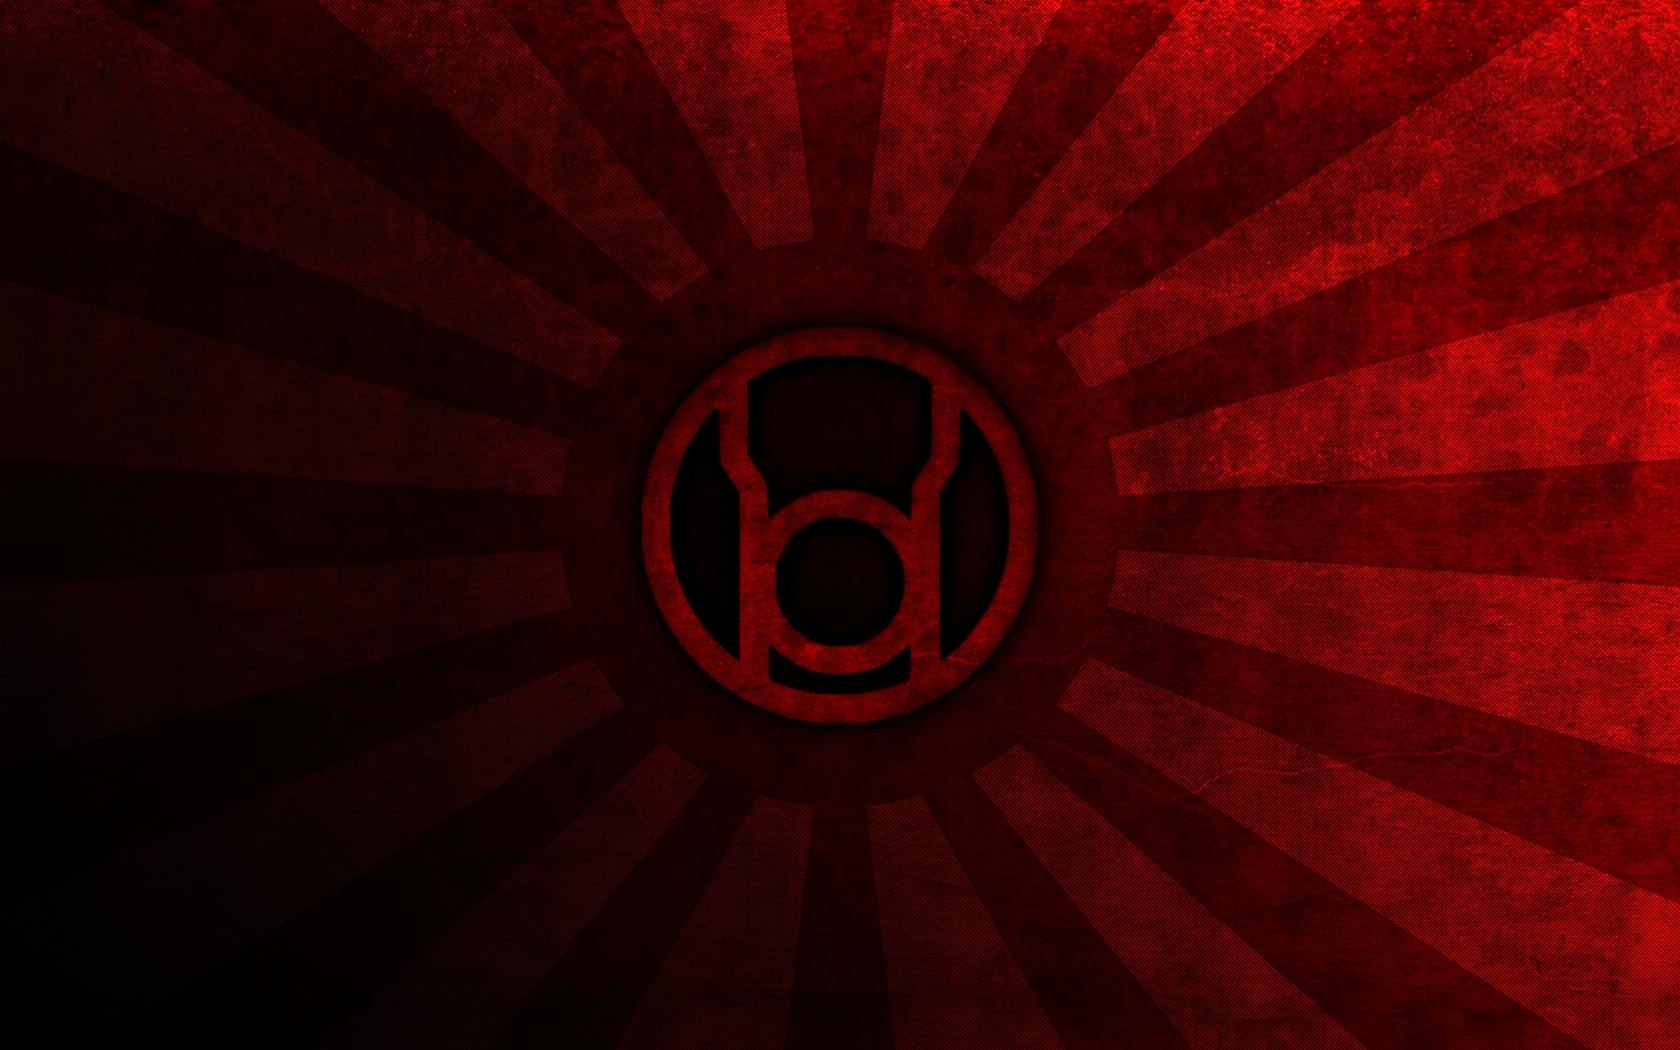 red lantern wallpaper by lordshenlong fan art wallpaper other 2011 1680x1050